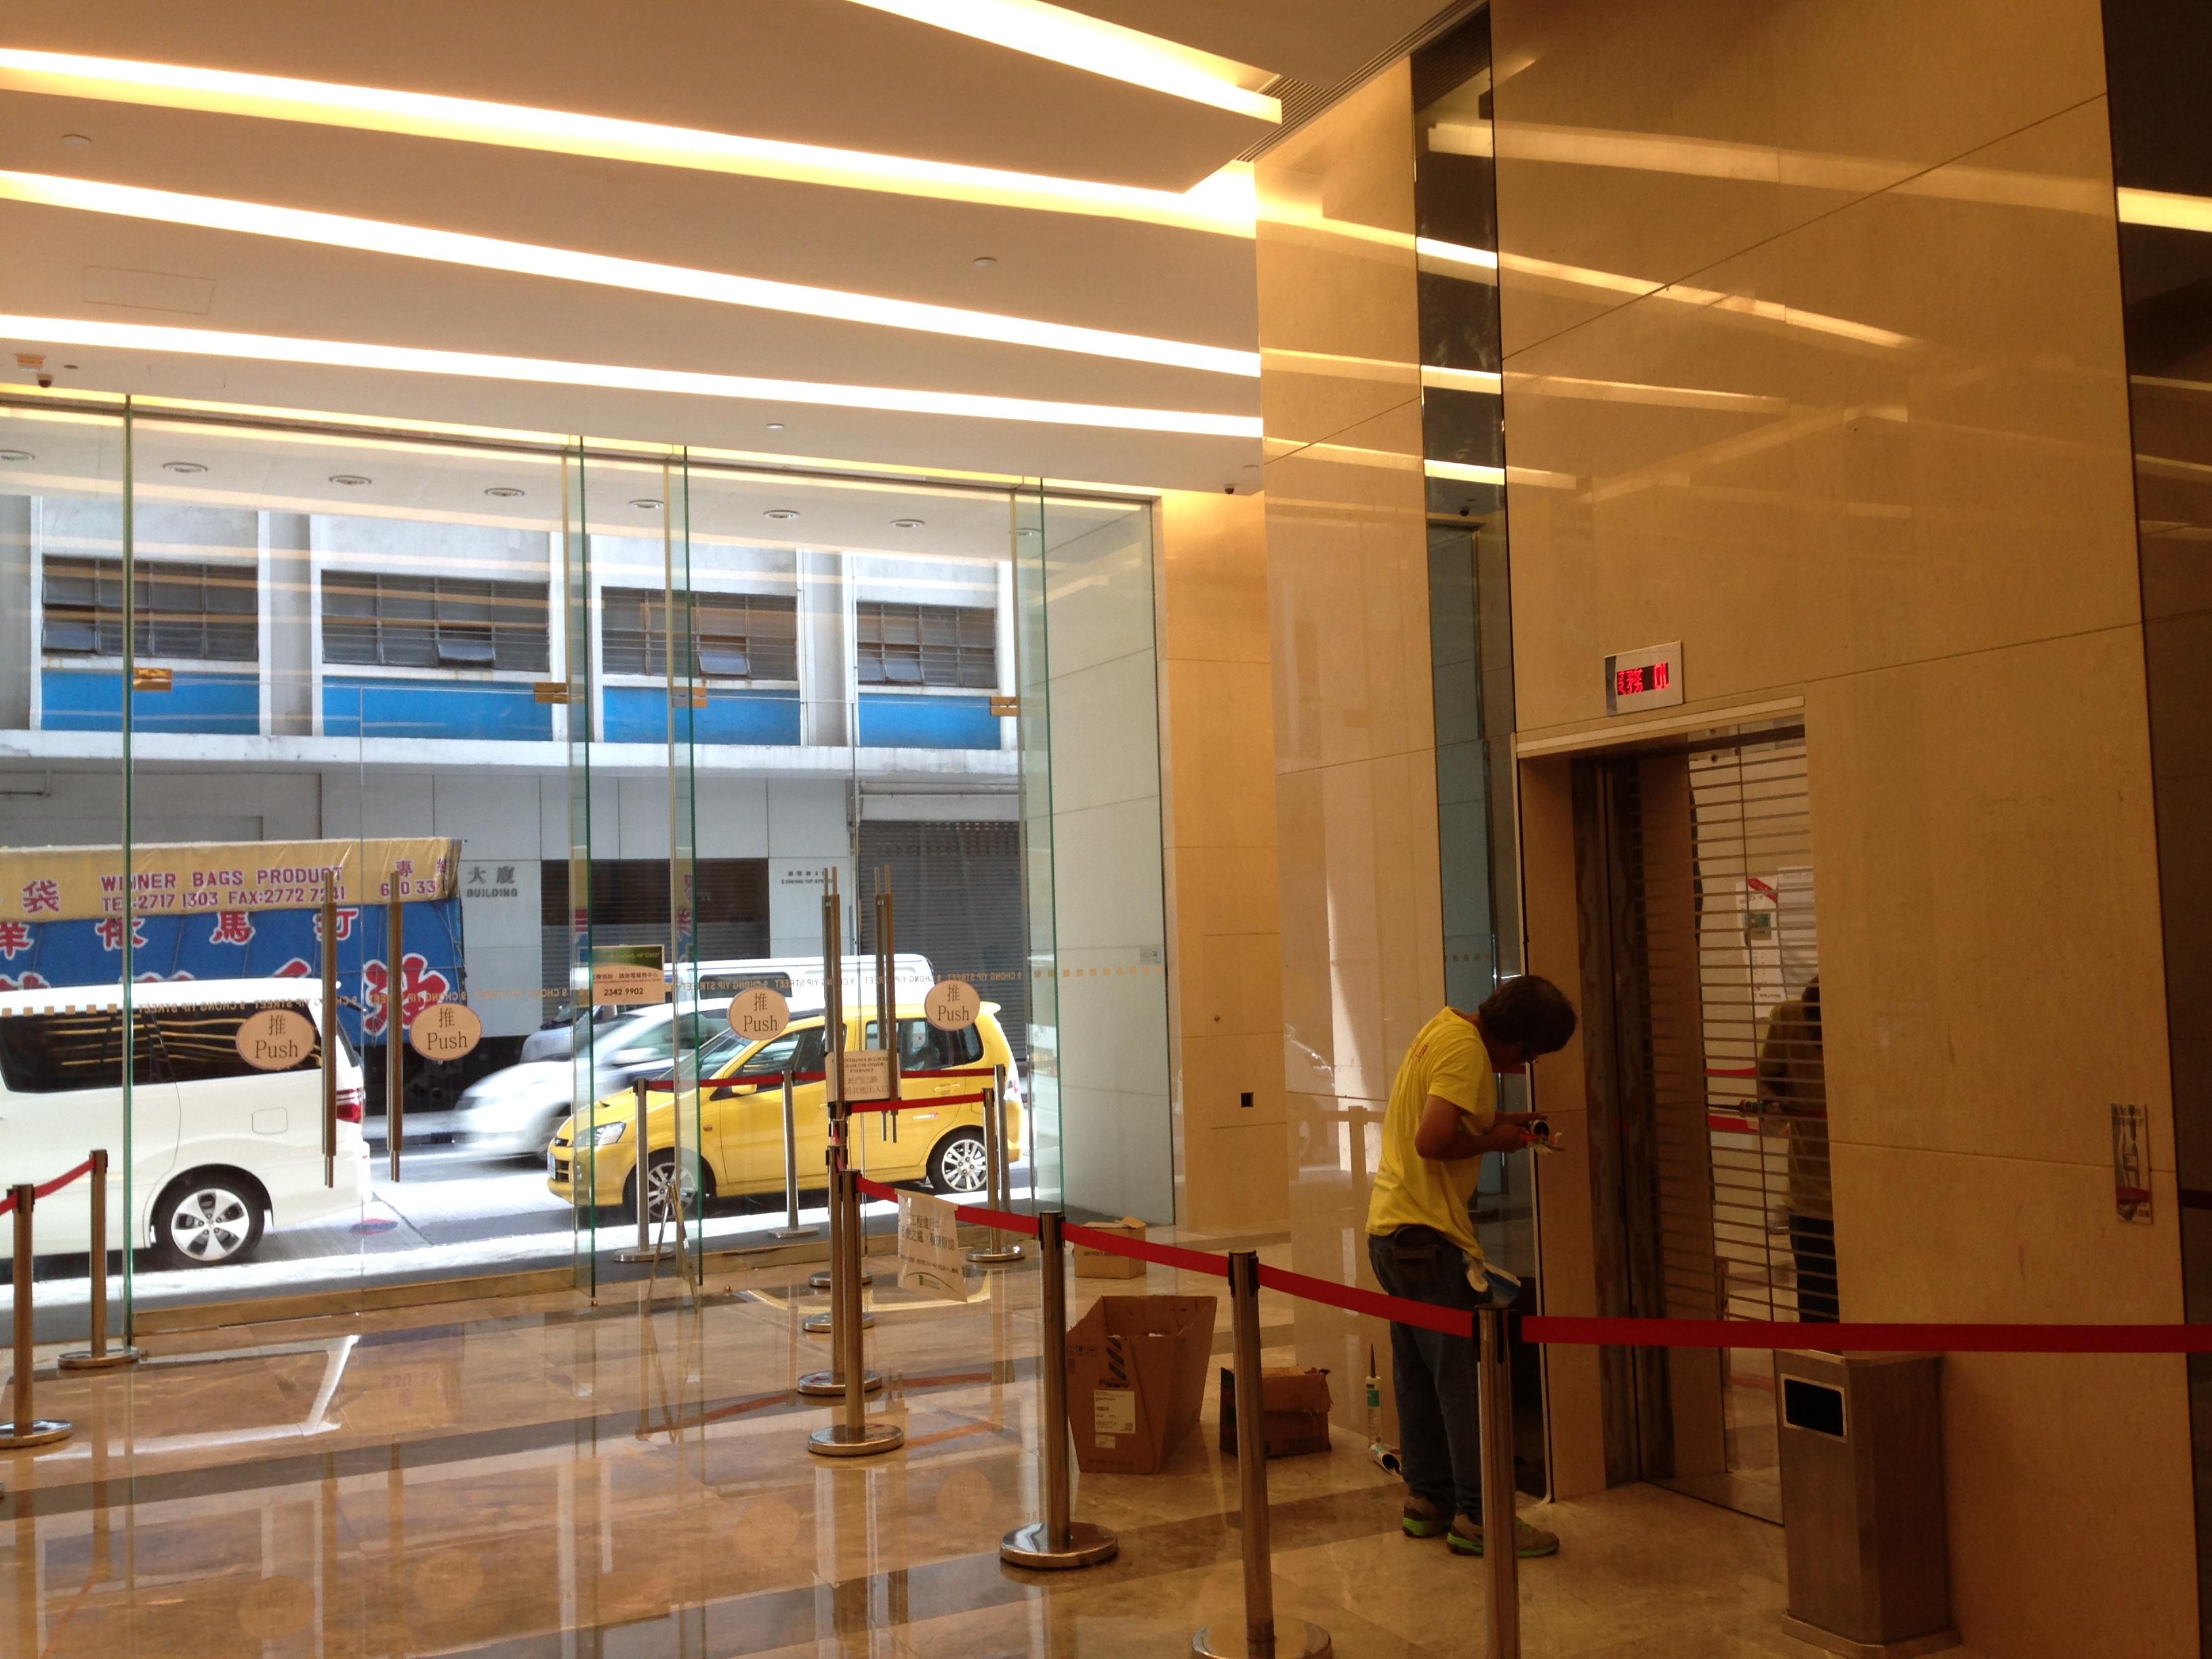 創業街9號翻新工程(翻新後)